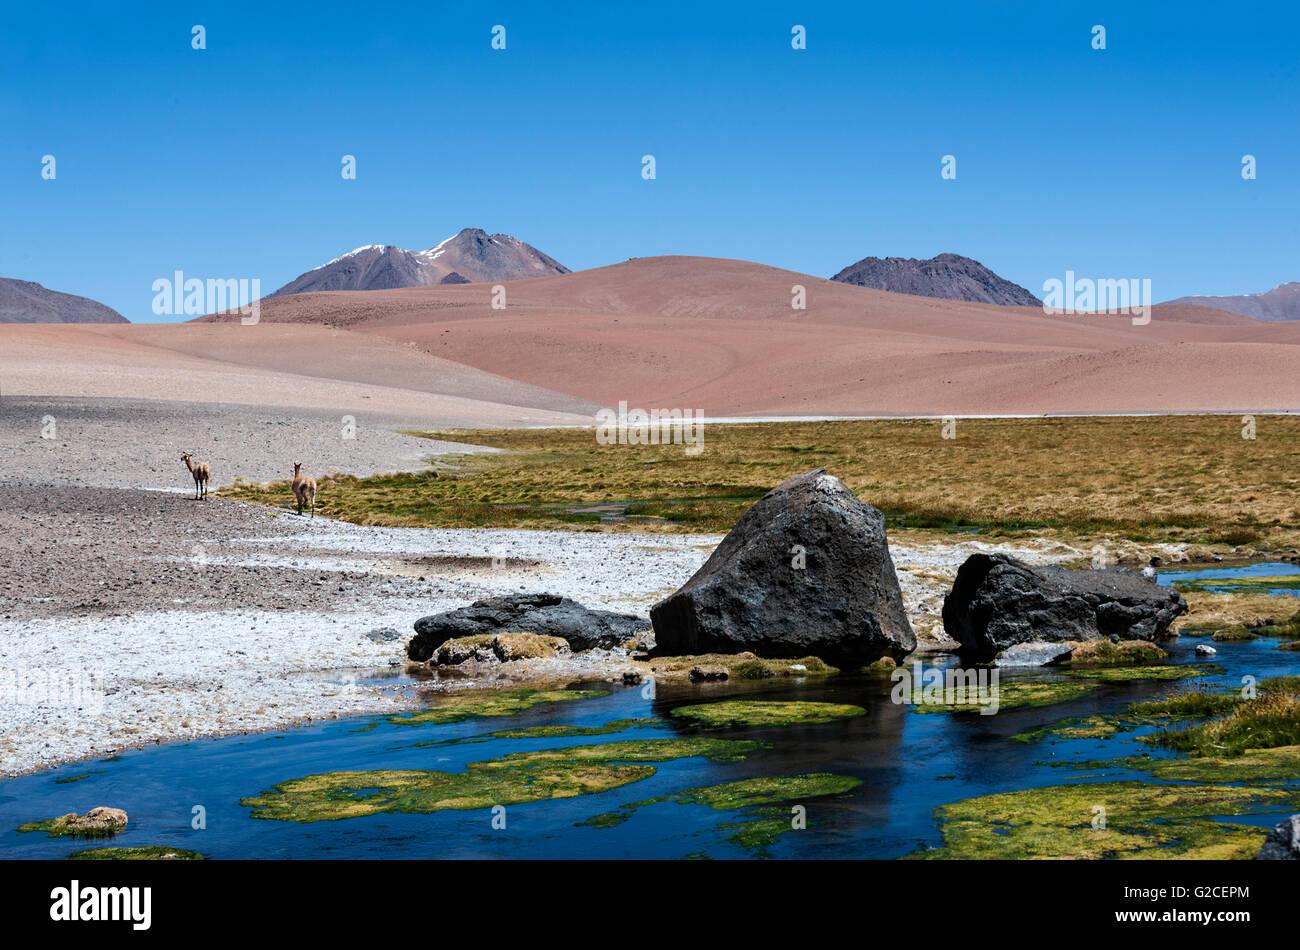 Camino a través de los Andes cerca de Paso Jama, Chile-Argentina-Bolivia. Imagen De Stock